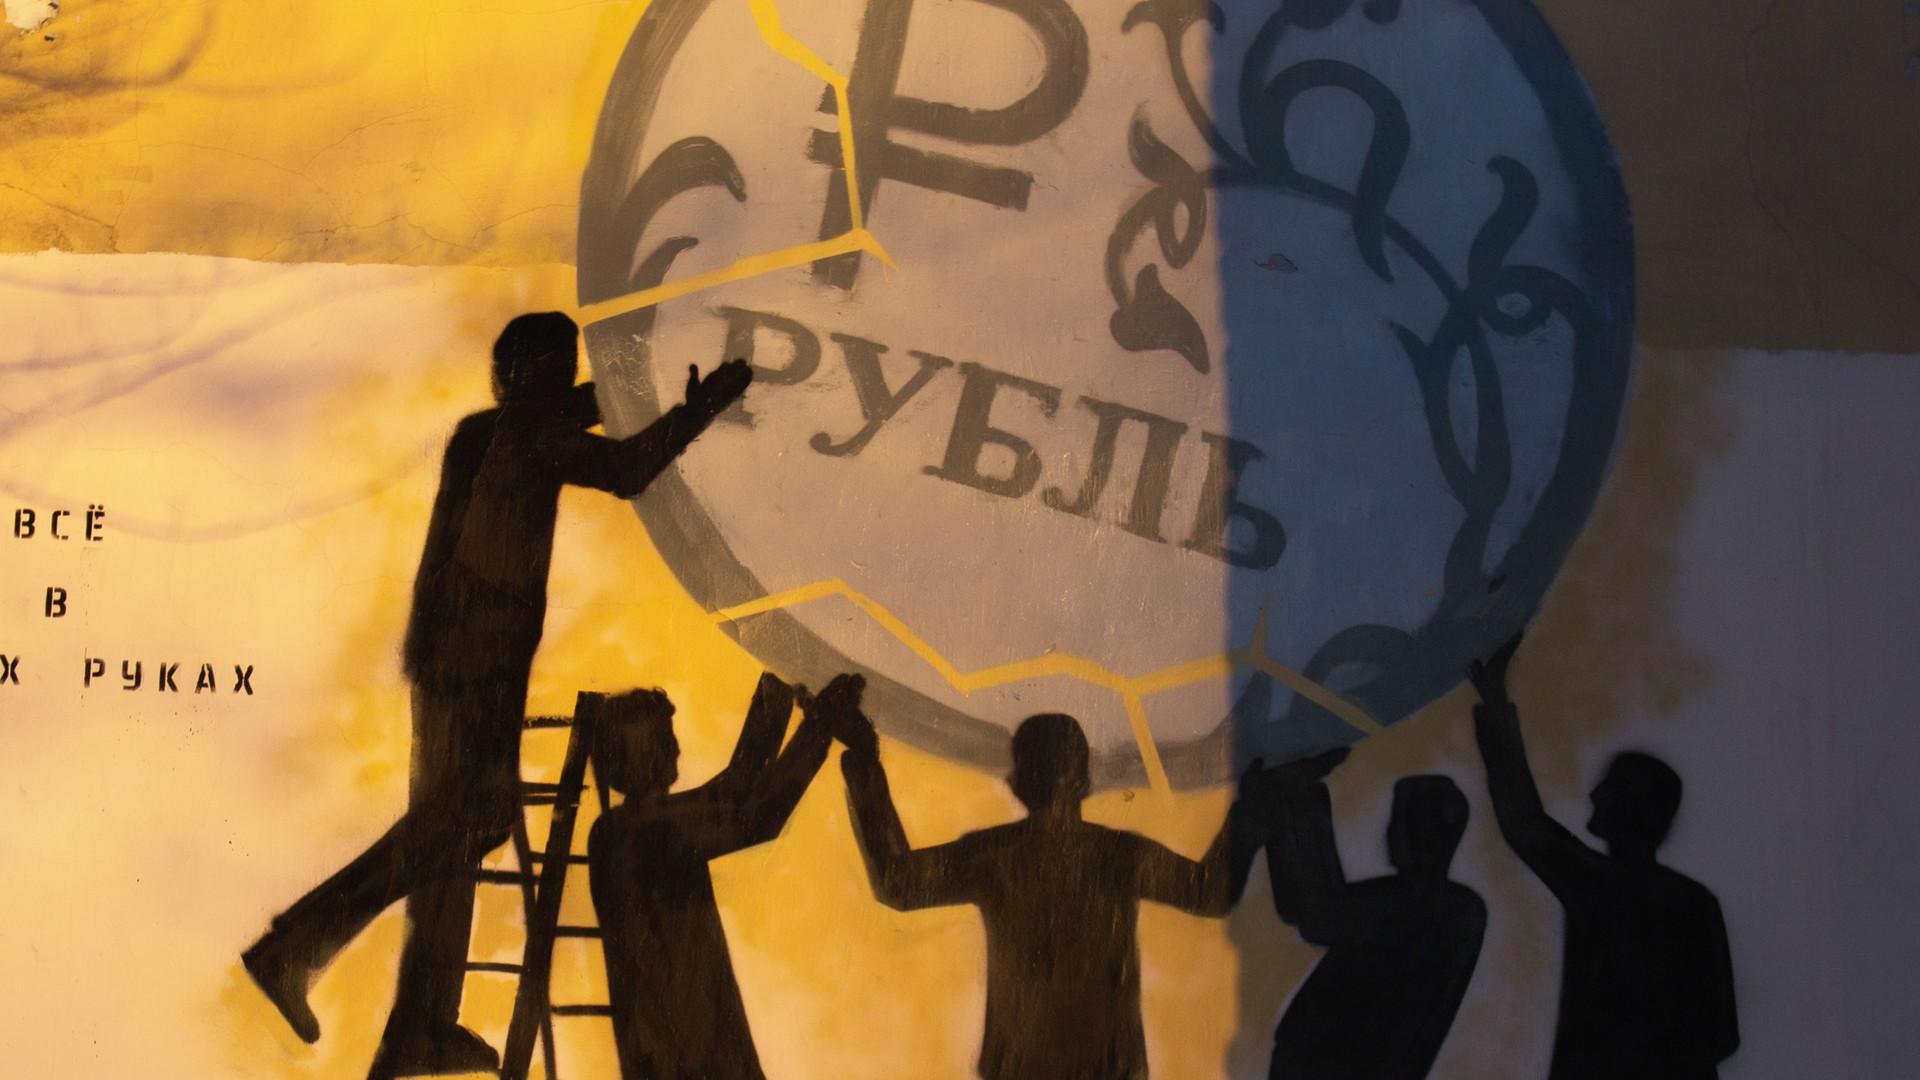 Рубль принесёт деньги: инвесторы прогнозируют нацвалюте доходность в 26%